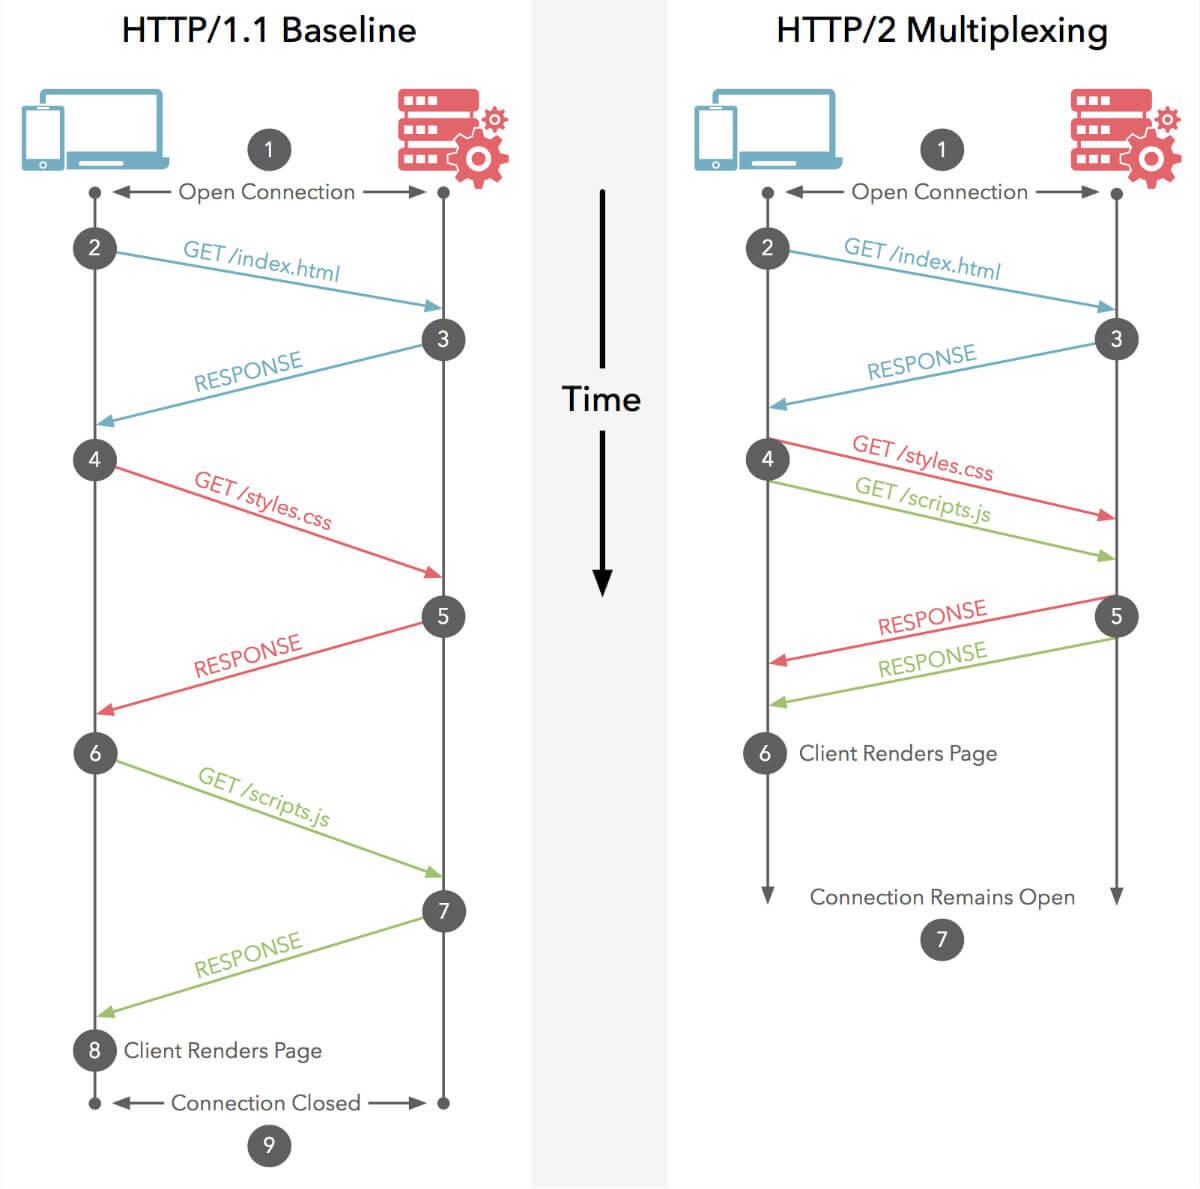 http1 http2 multiplex